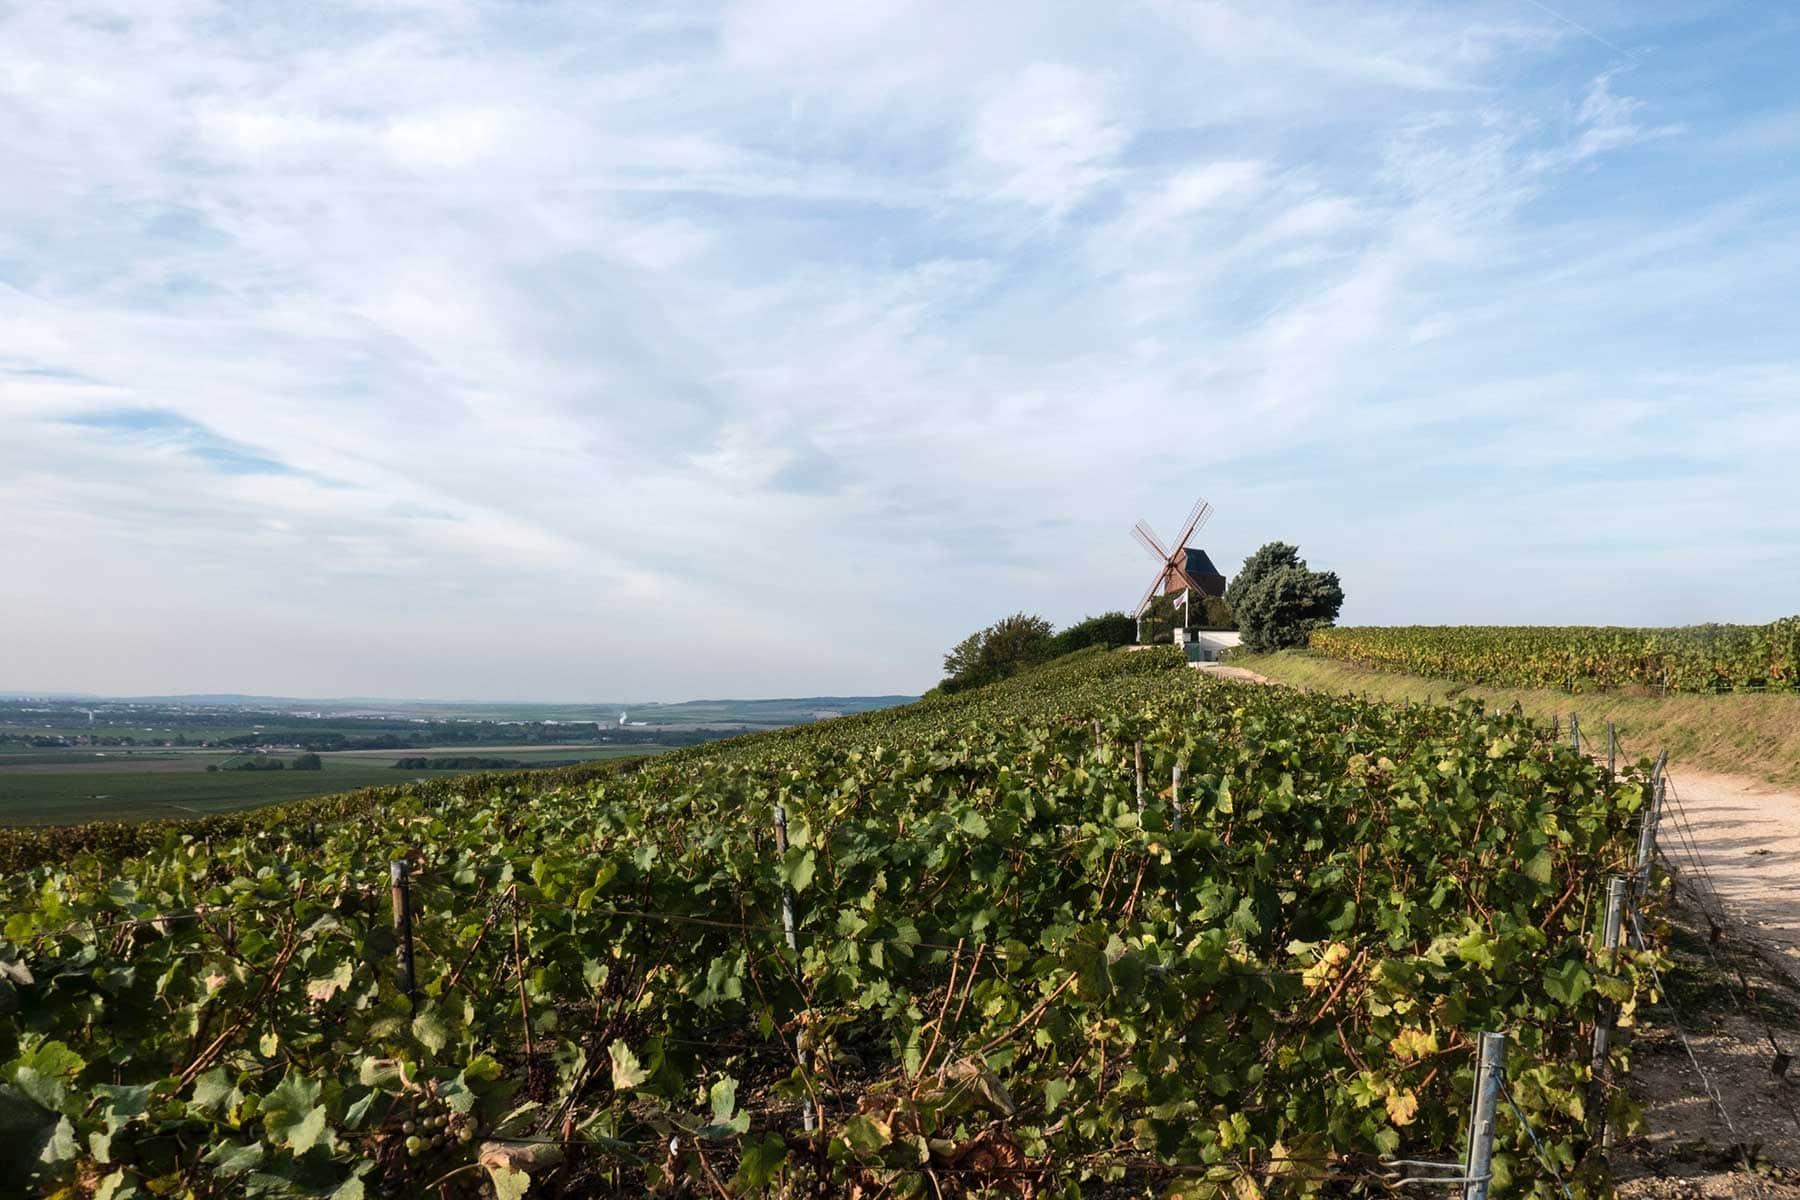 rundresa-champagne-ardenne-Nygren-Lind-Resebyrå-vingård